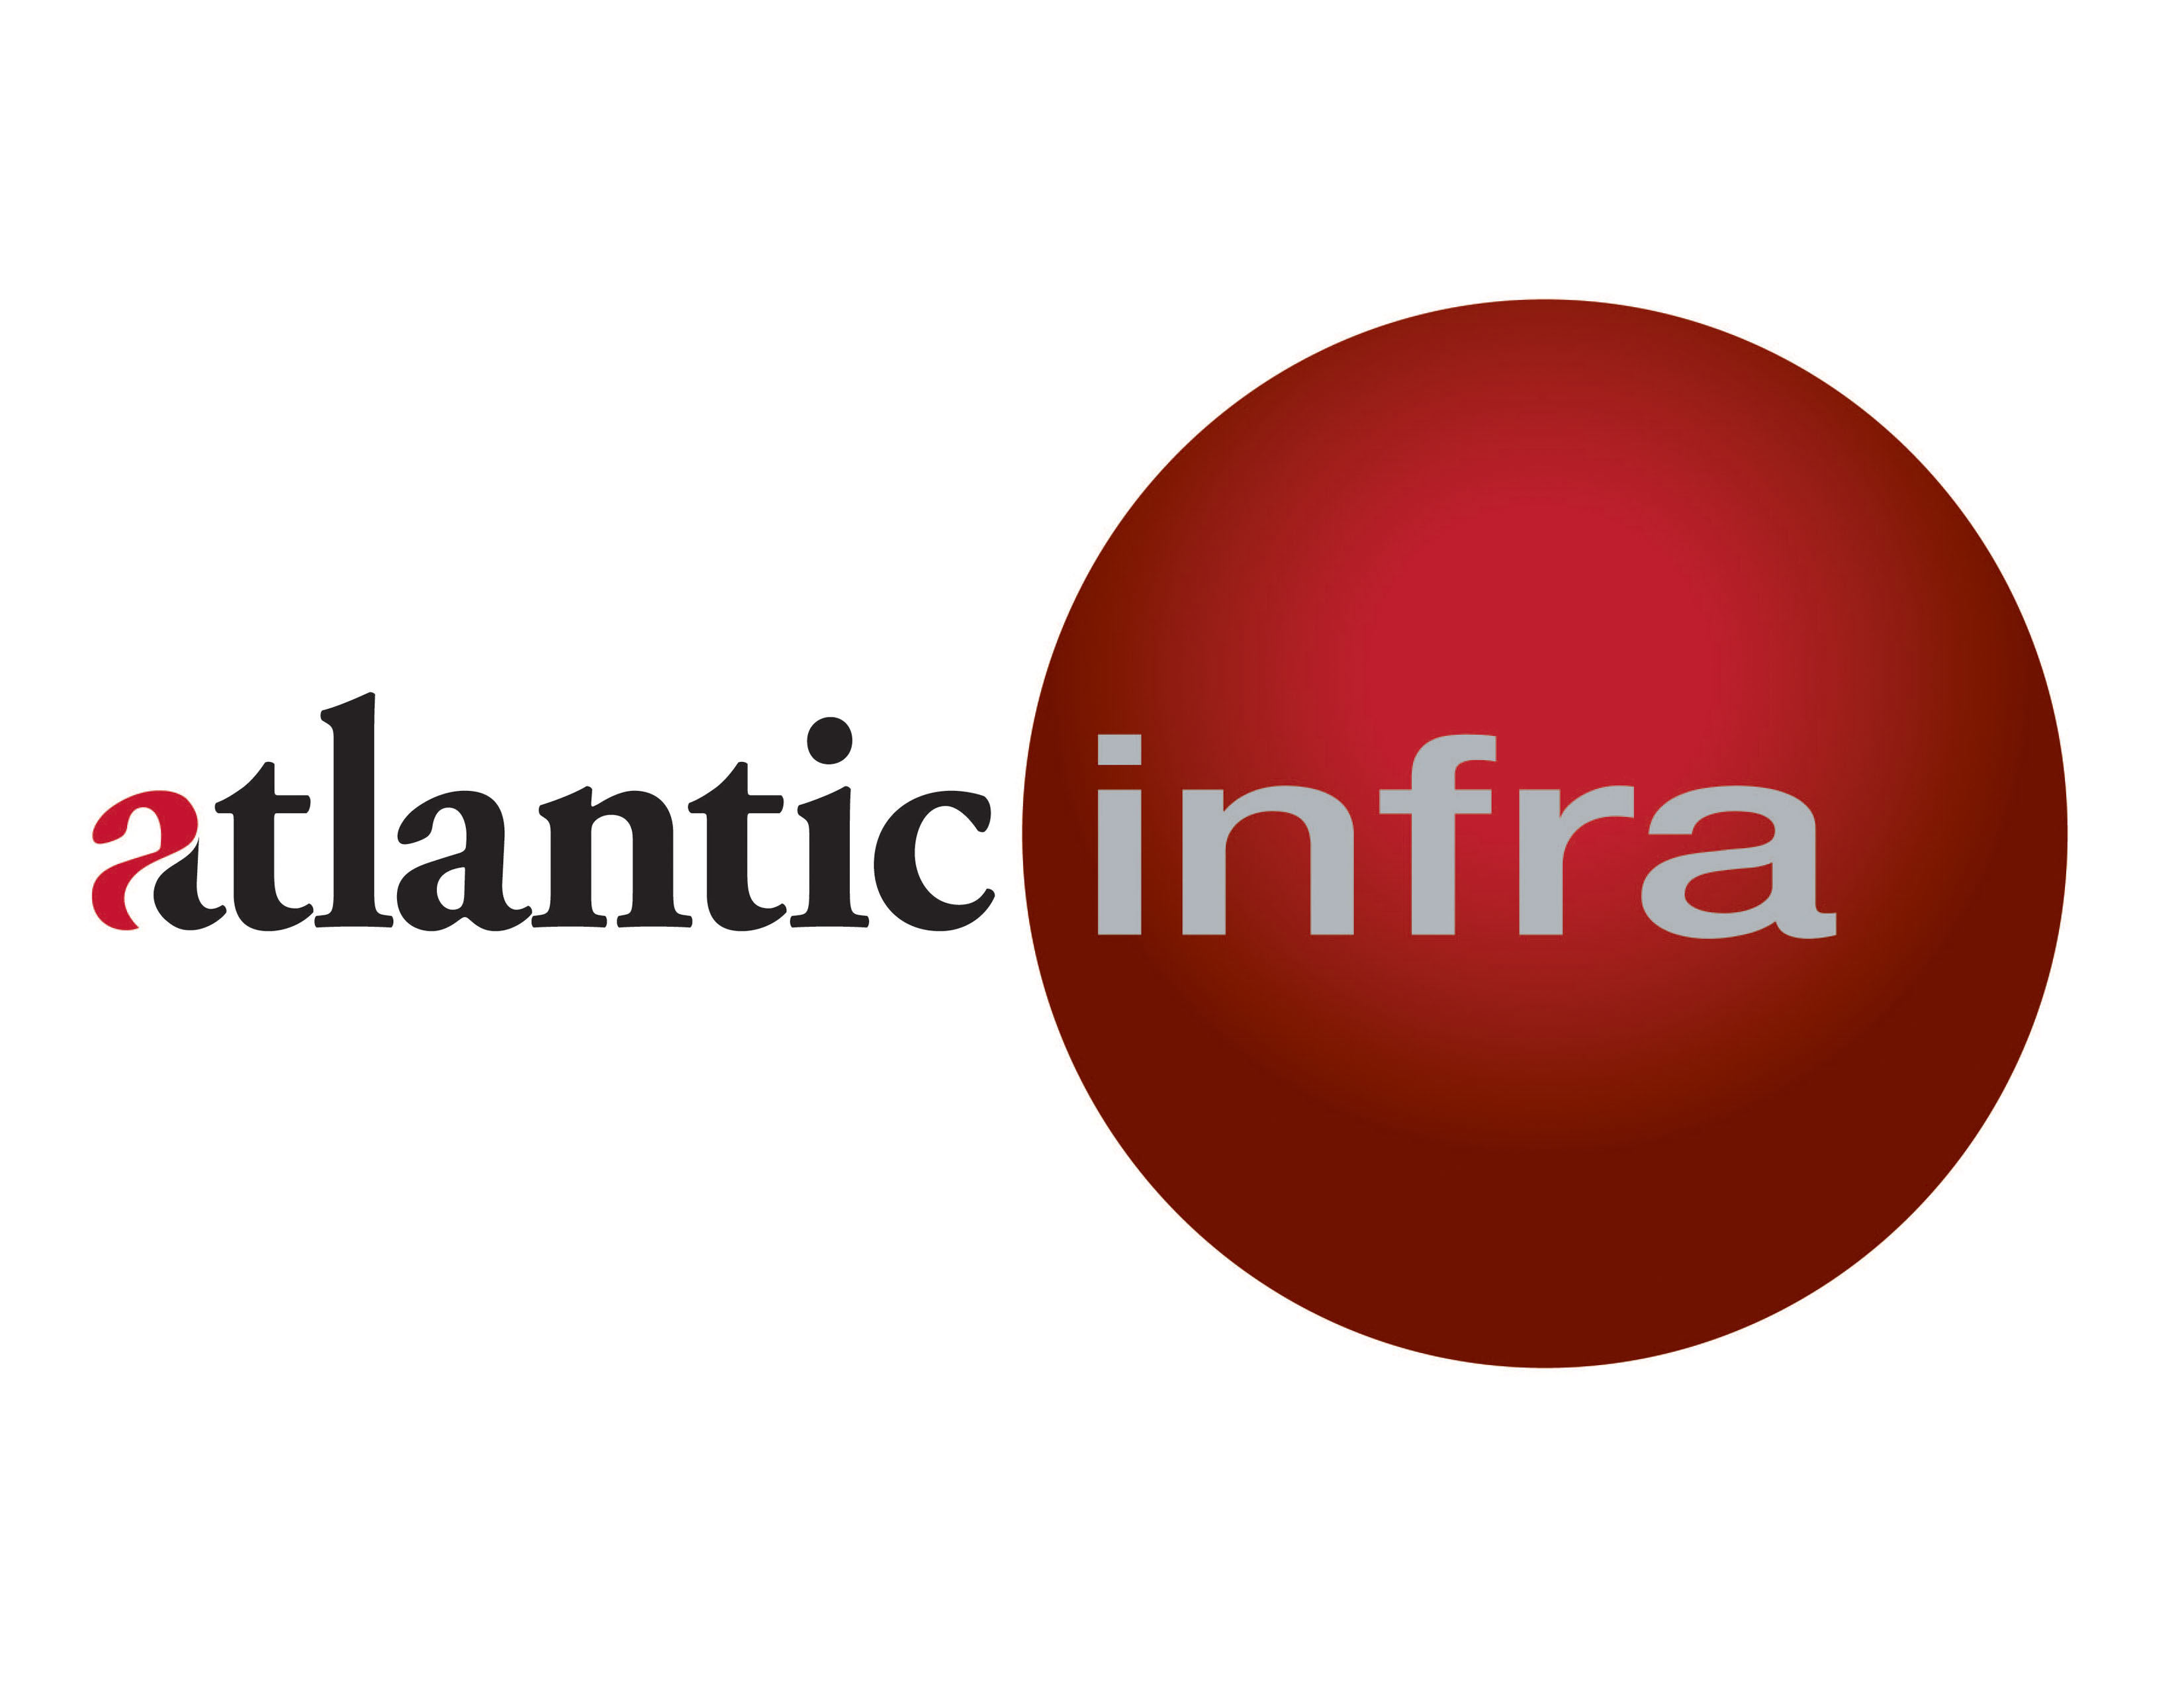 atlantic_infra_logo.jpg